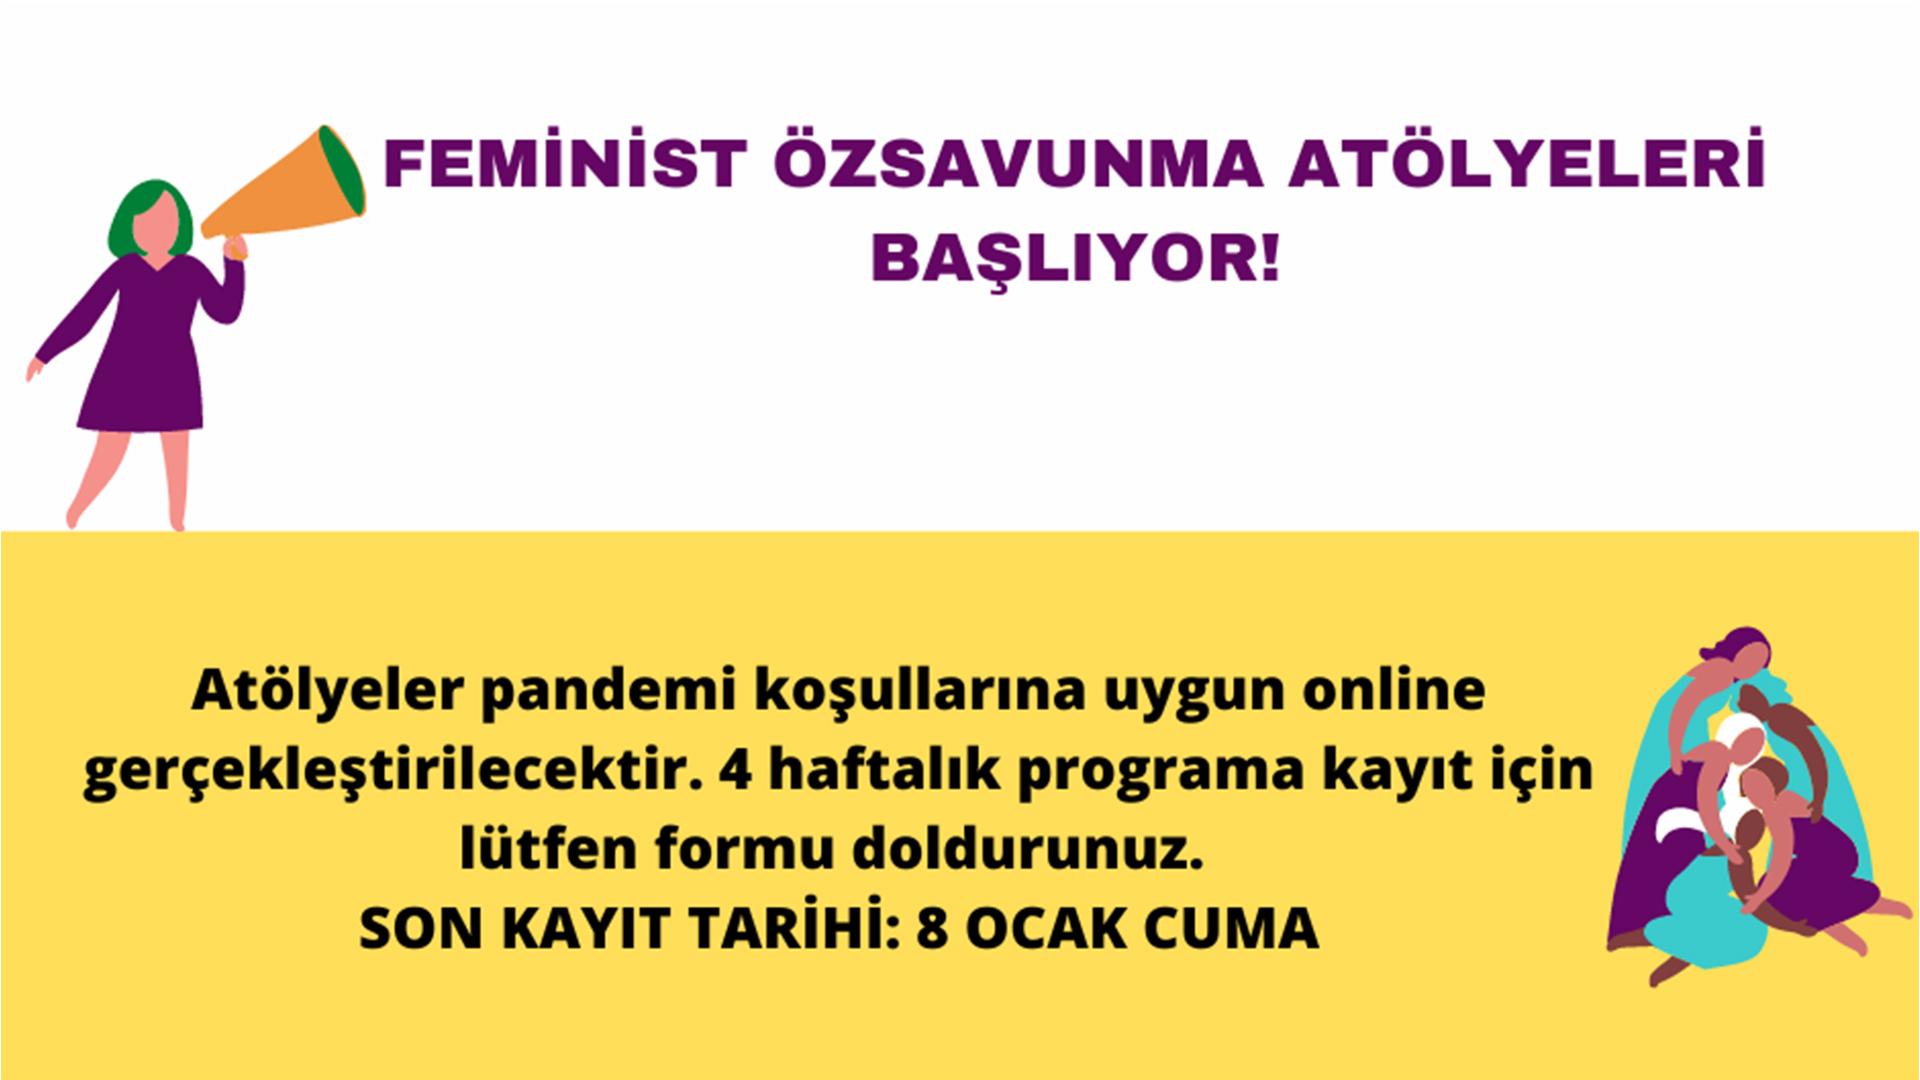 Feminist Özsavunma Atölyeleri Başlıyor